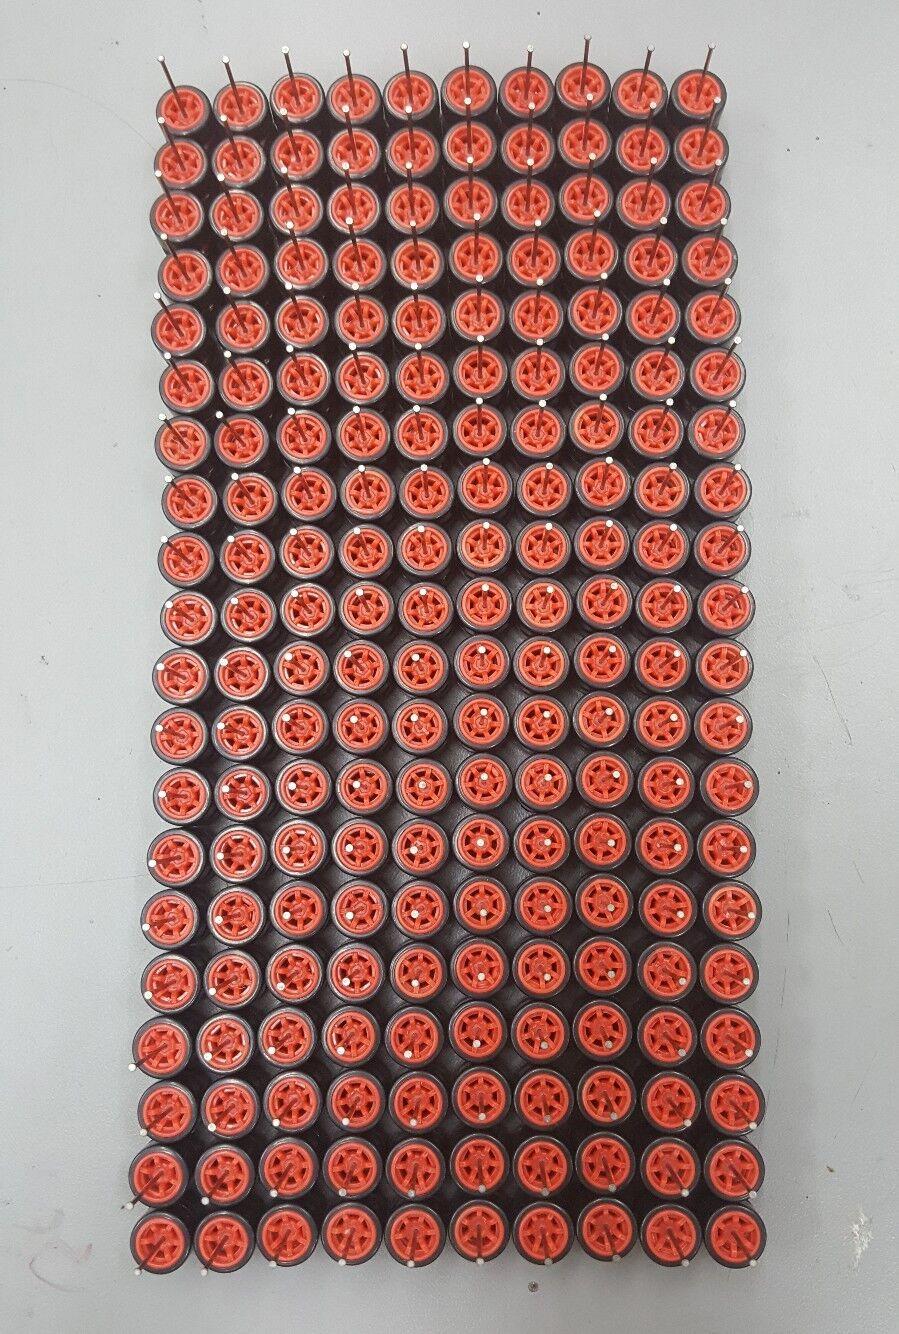 100sets Plastic Tires Comold 6 spoke CM6 rosso long axle fit 1:64 Hot Wheels MBX